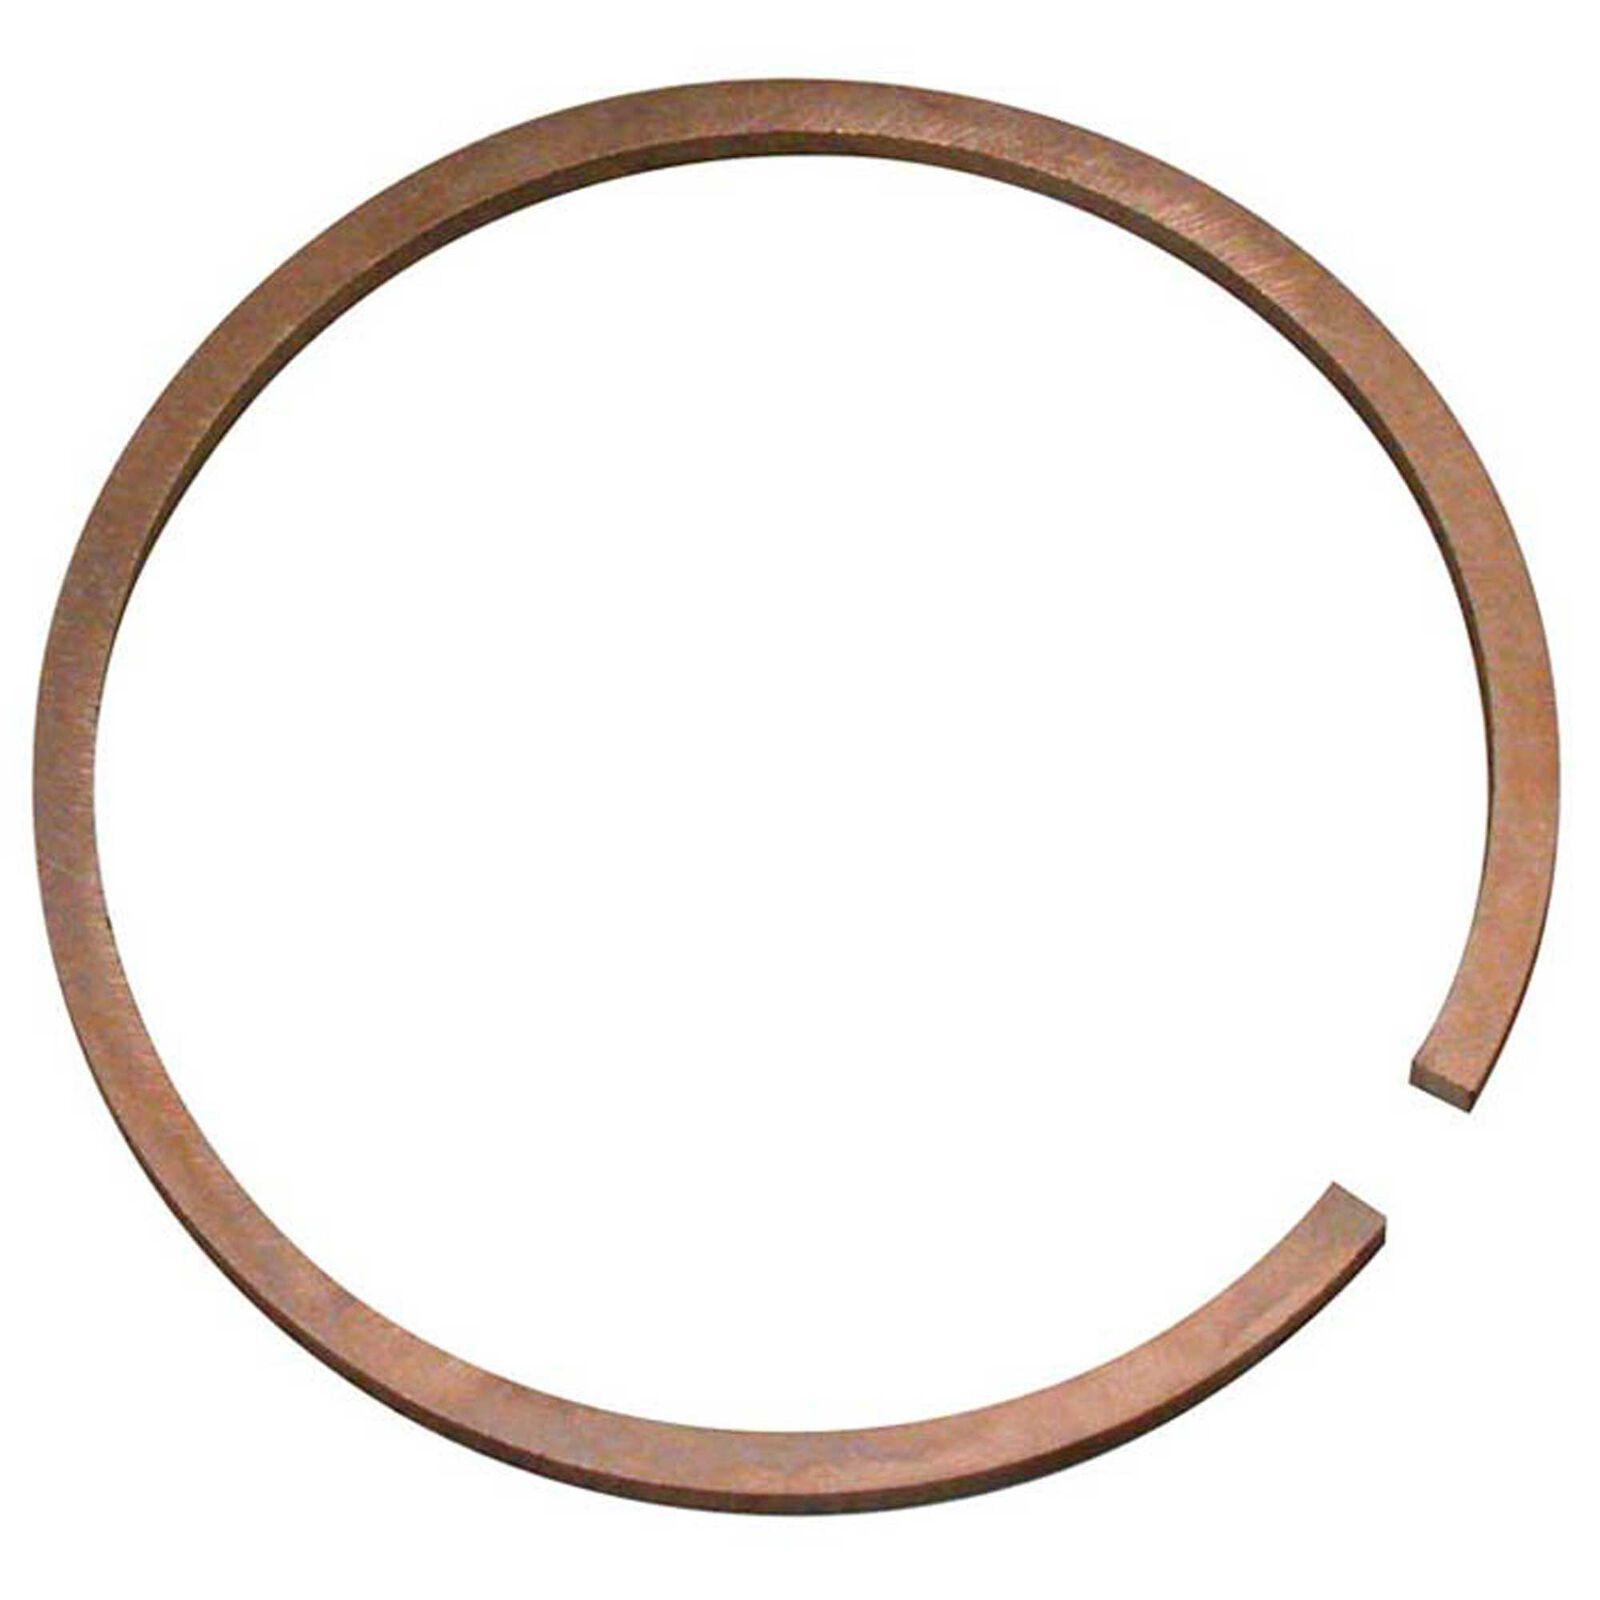 Piston Ring: FS-70 SII